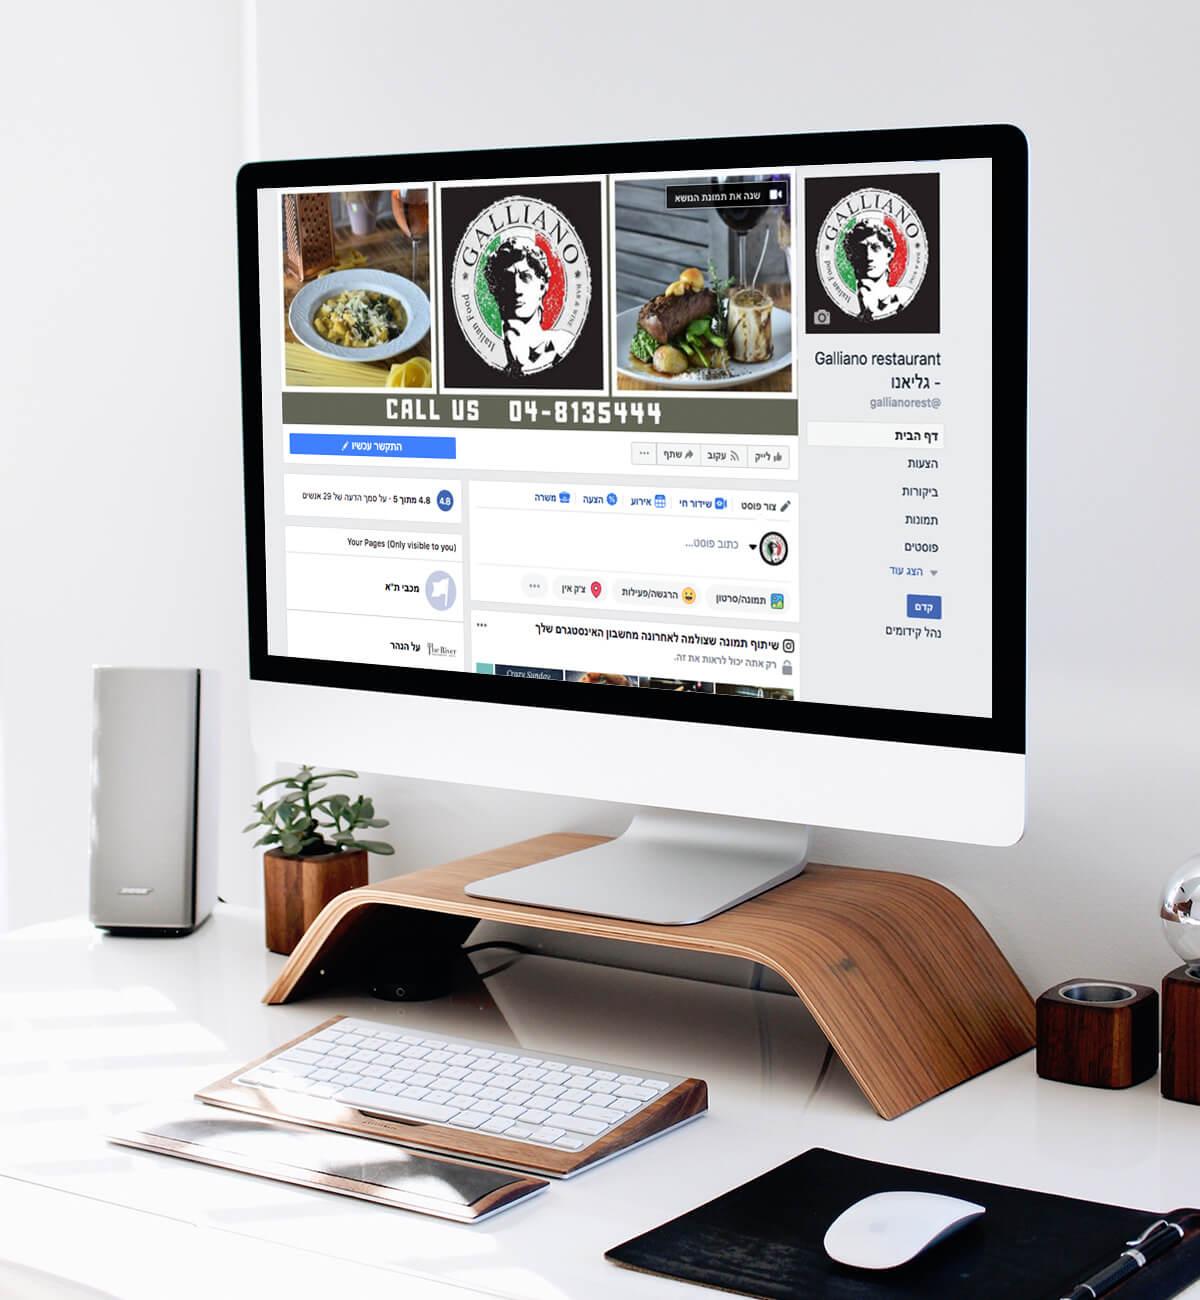 ניהול דף פייסבוק למסעדת הגליאנו